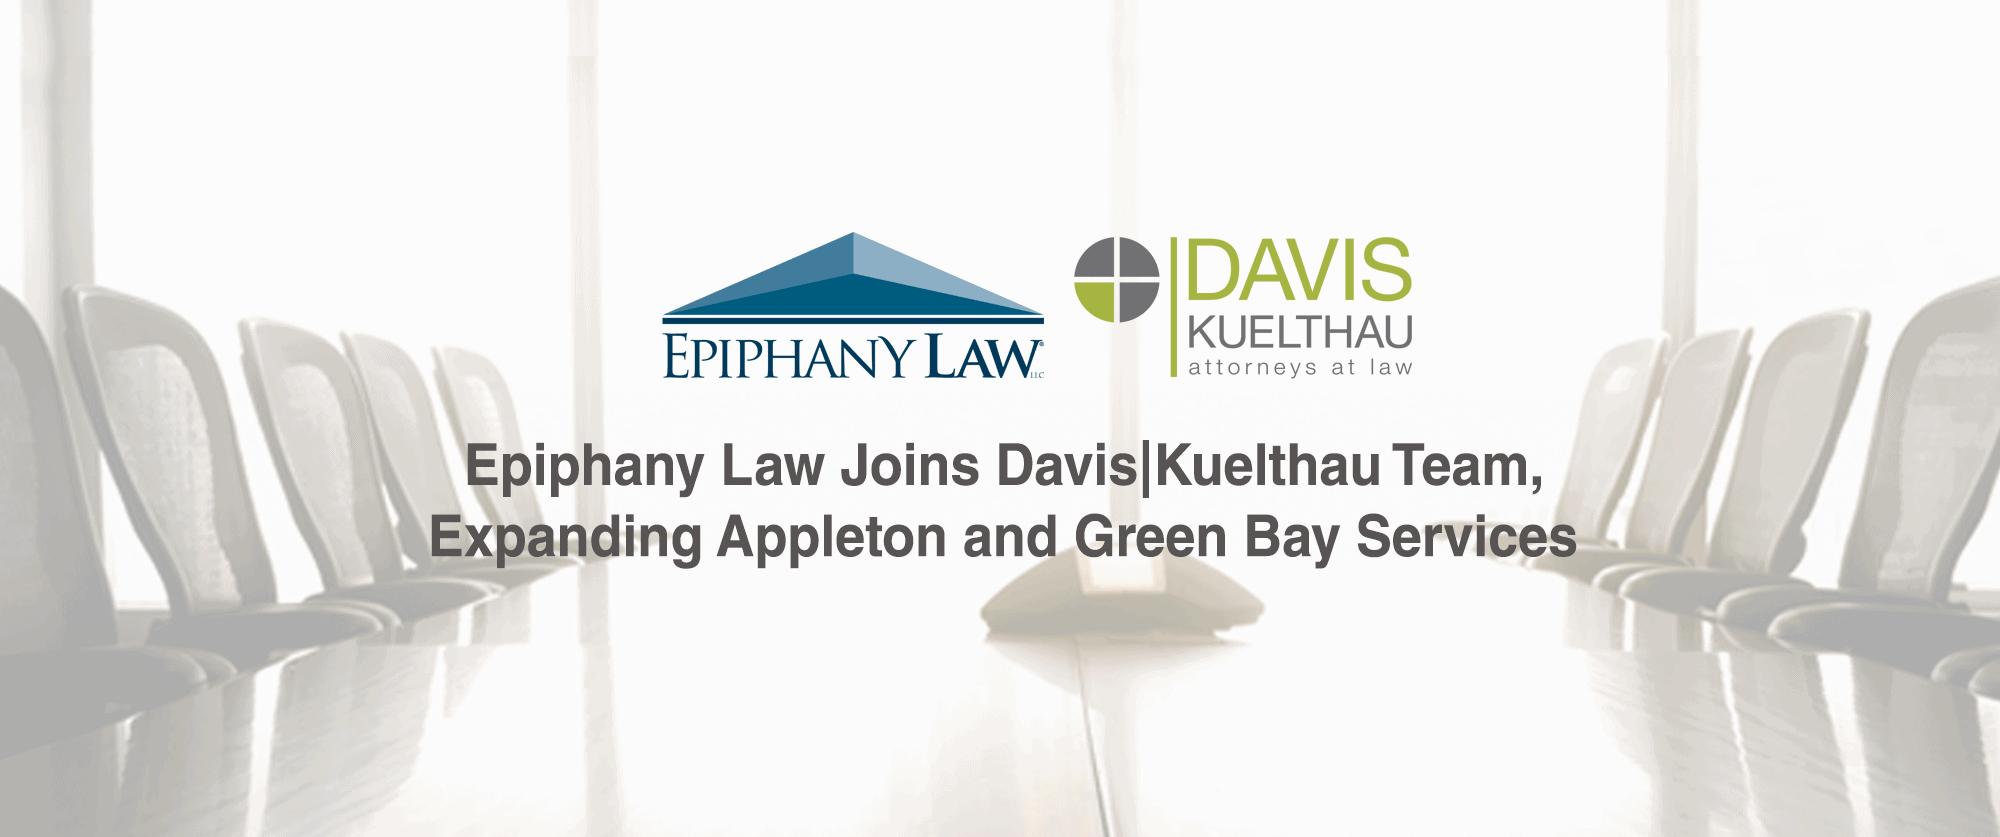 Epiphany Law Joins Davis|Kuelthau